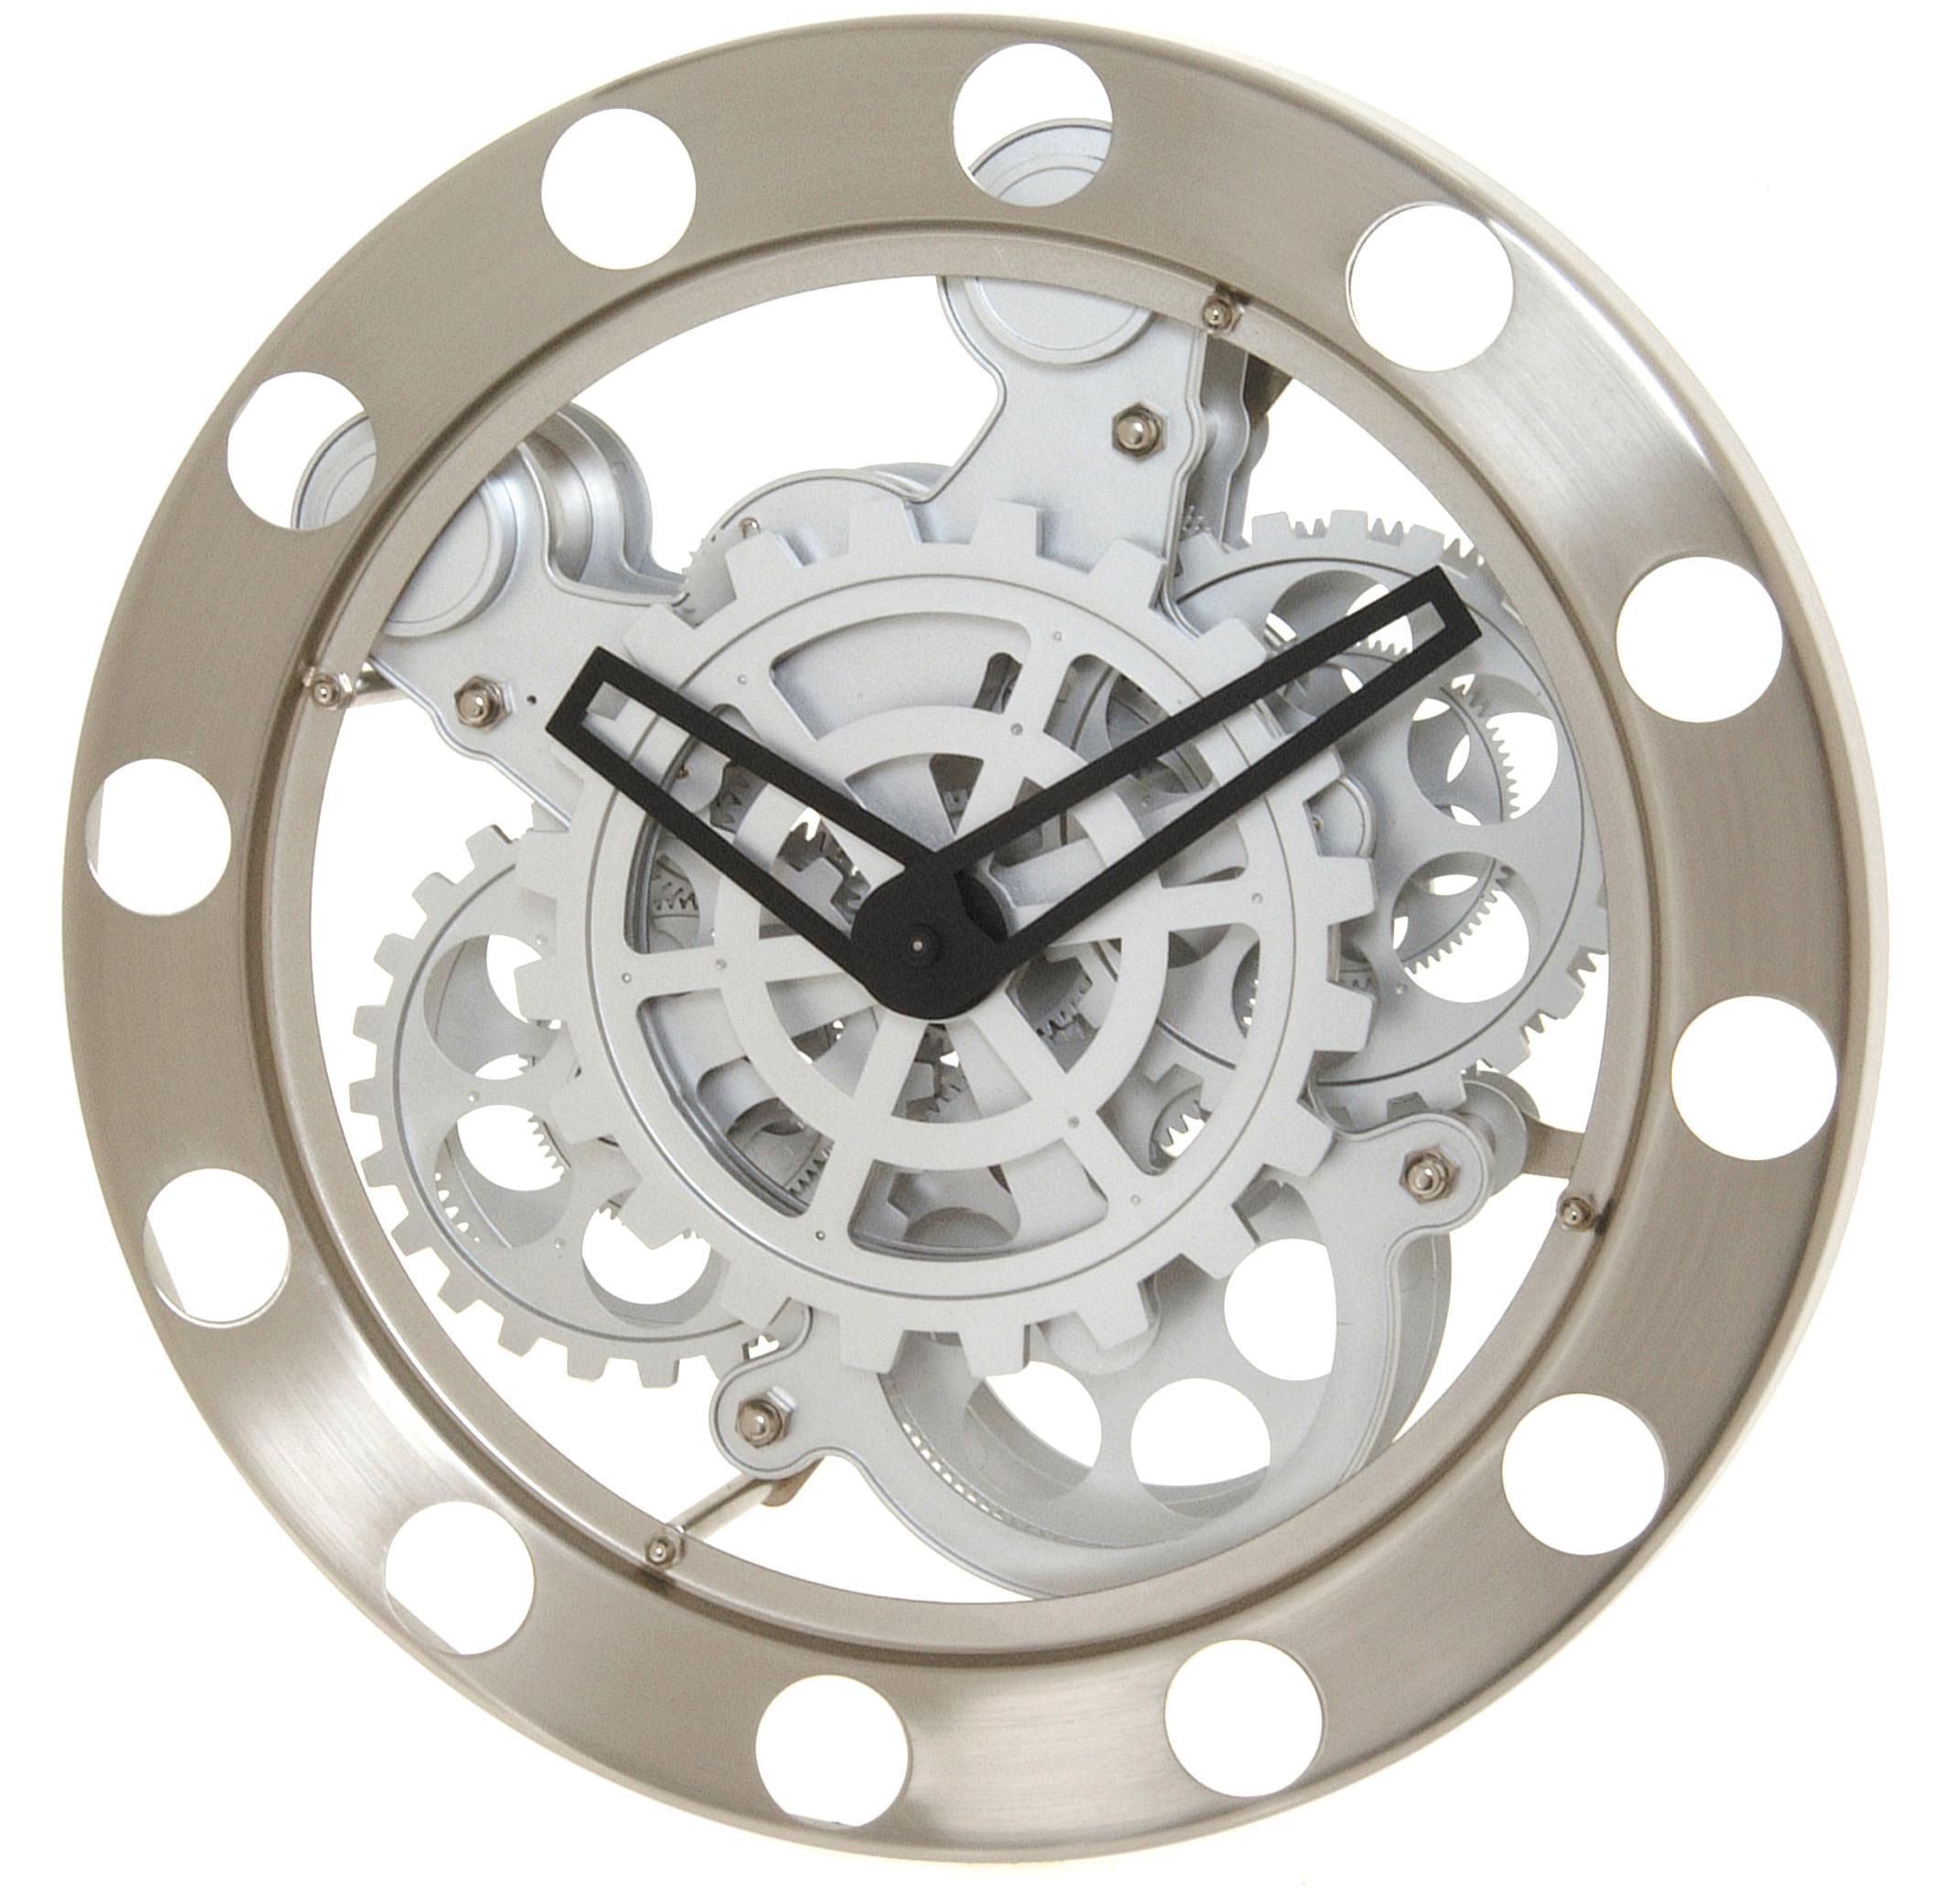 Wall Clock + Gears | alvaluz.com